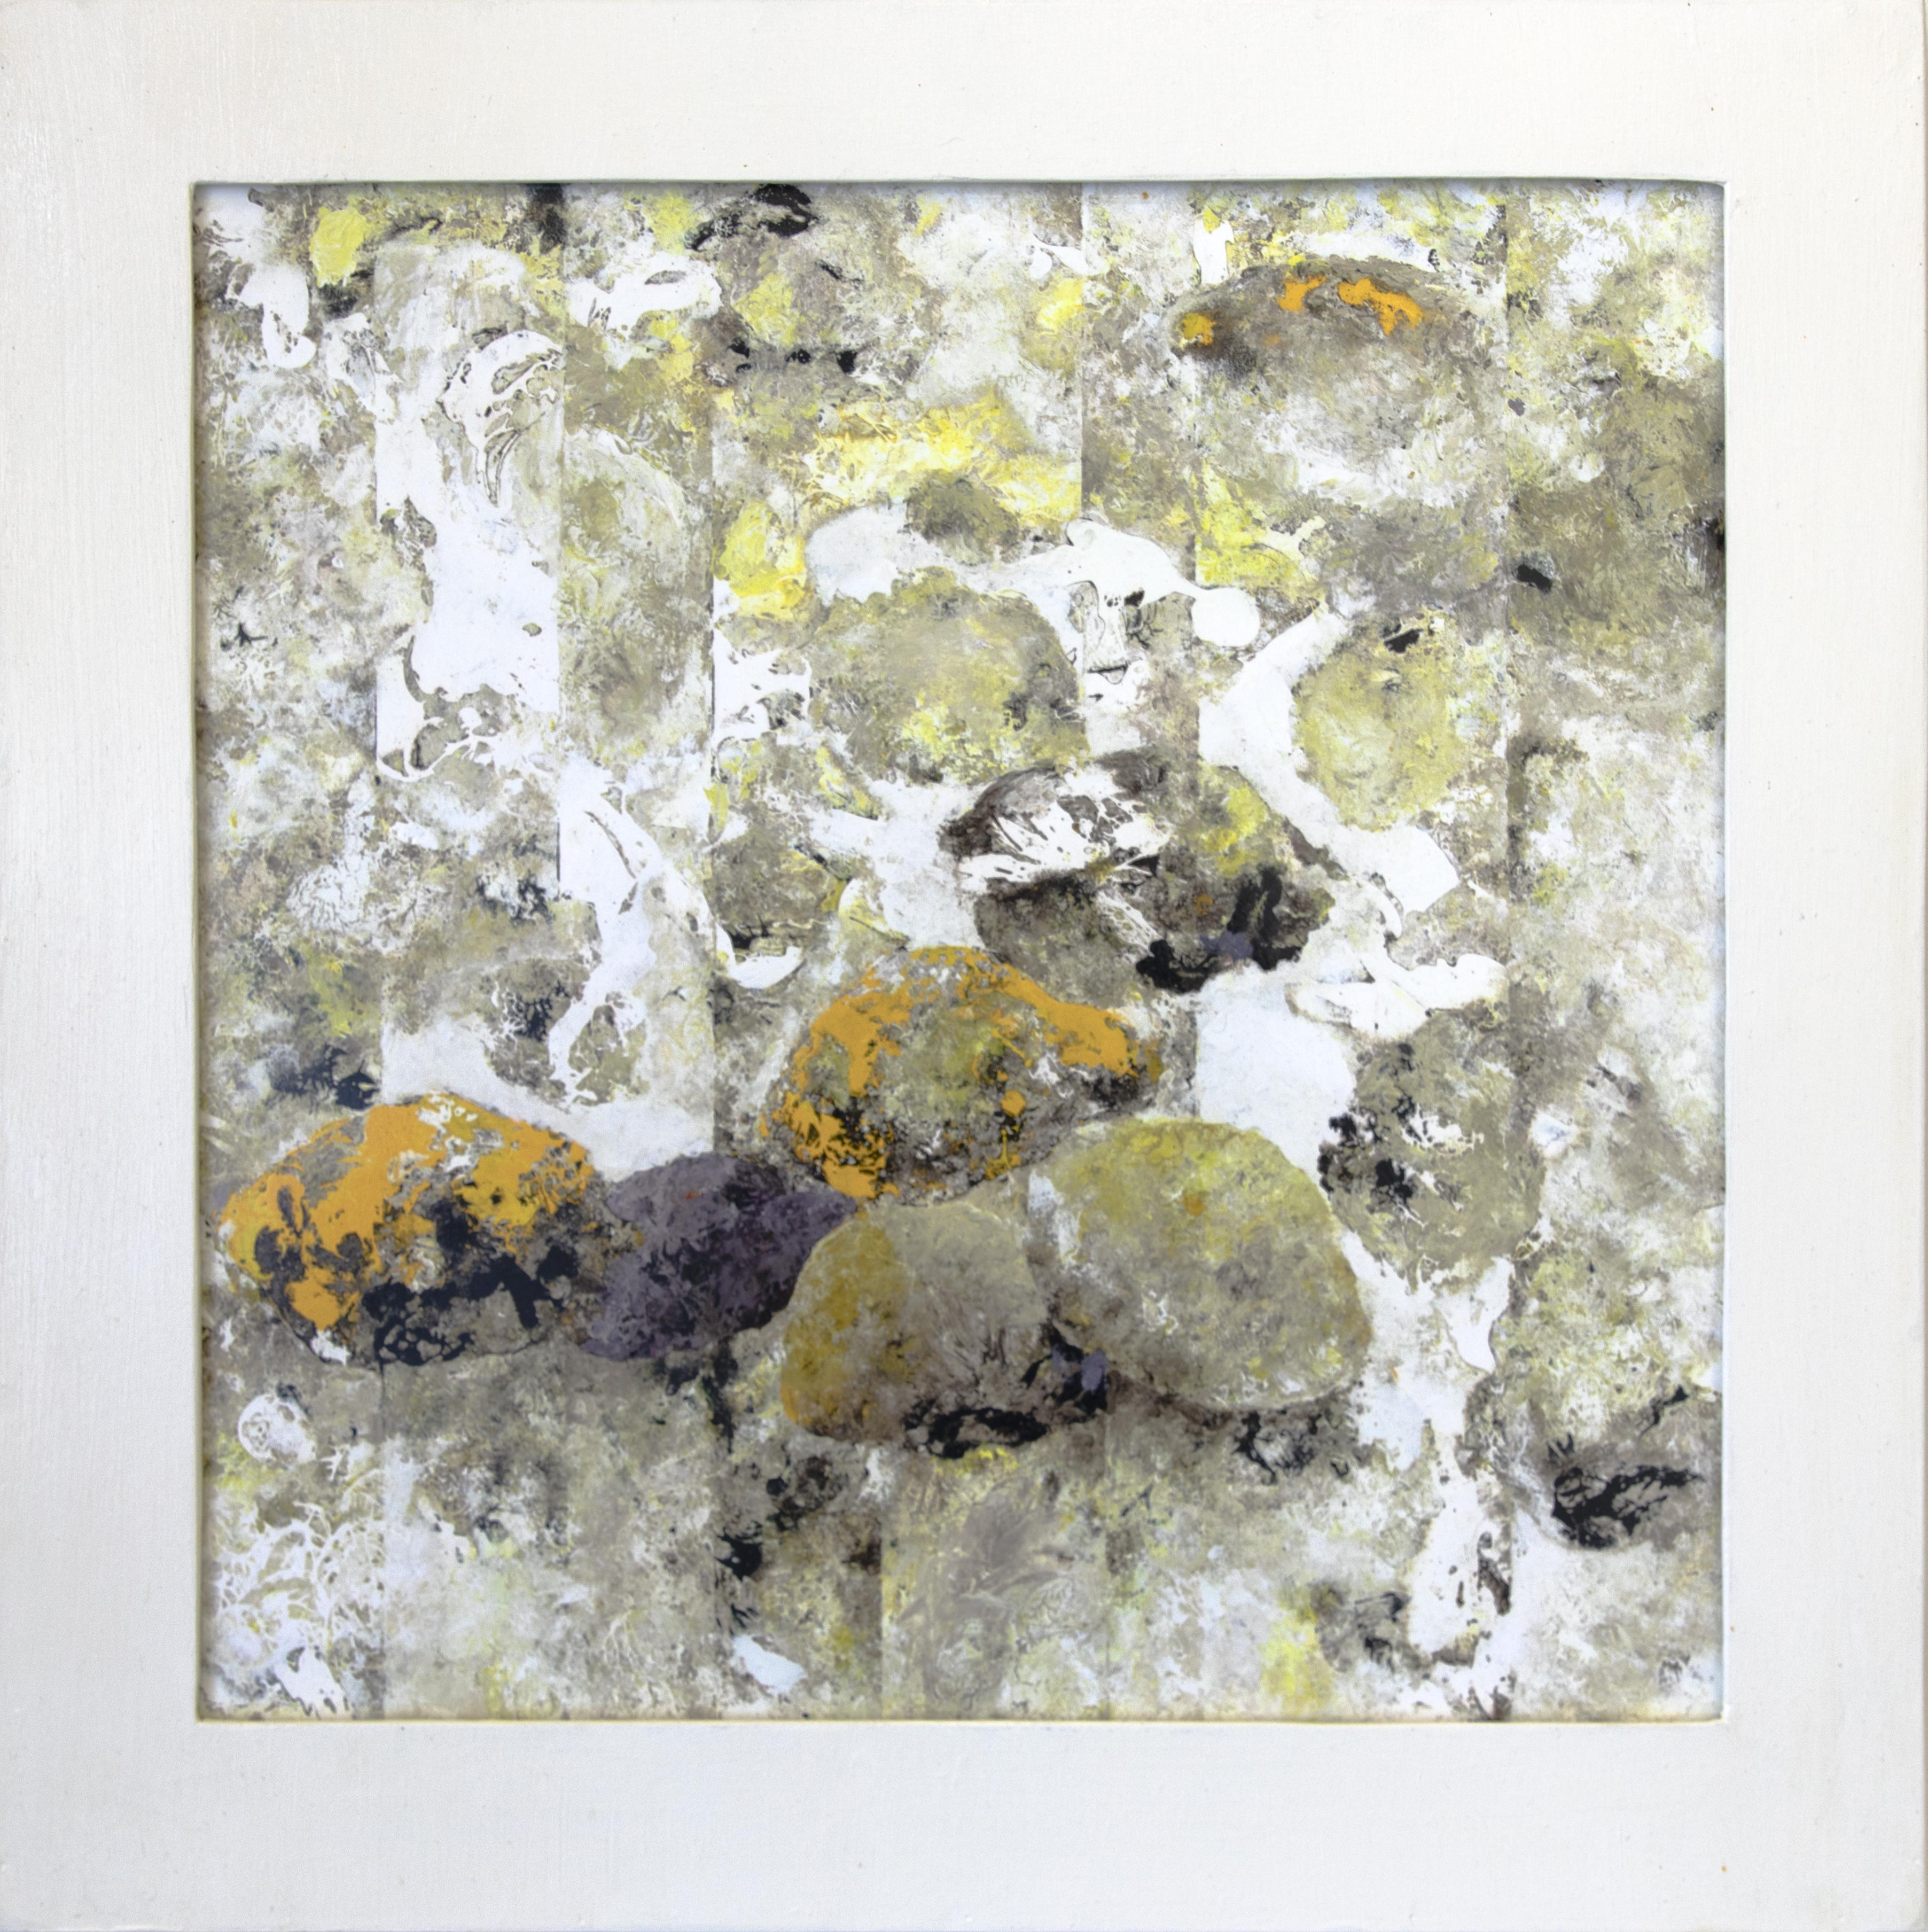 Abstrakti maalaus valkoisen ja harmaan sävyissä, siellä täällä keltaista ja mustaa. Etualalla kiviä muistuttavia muotoja. Taustalla epämääräisiä raitoja. Rouheaa tekstuuria.